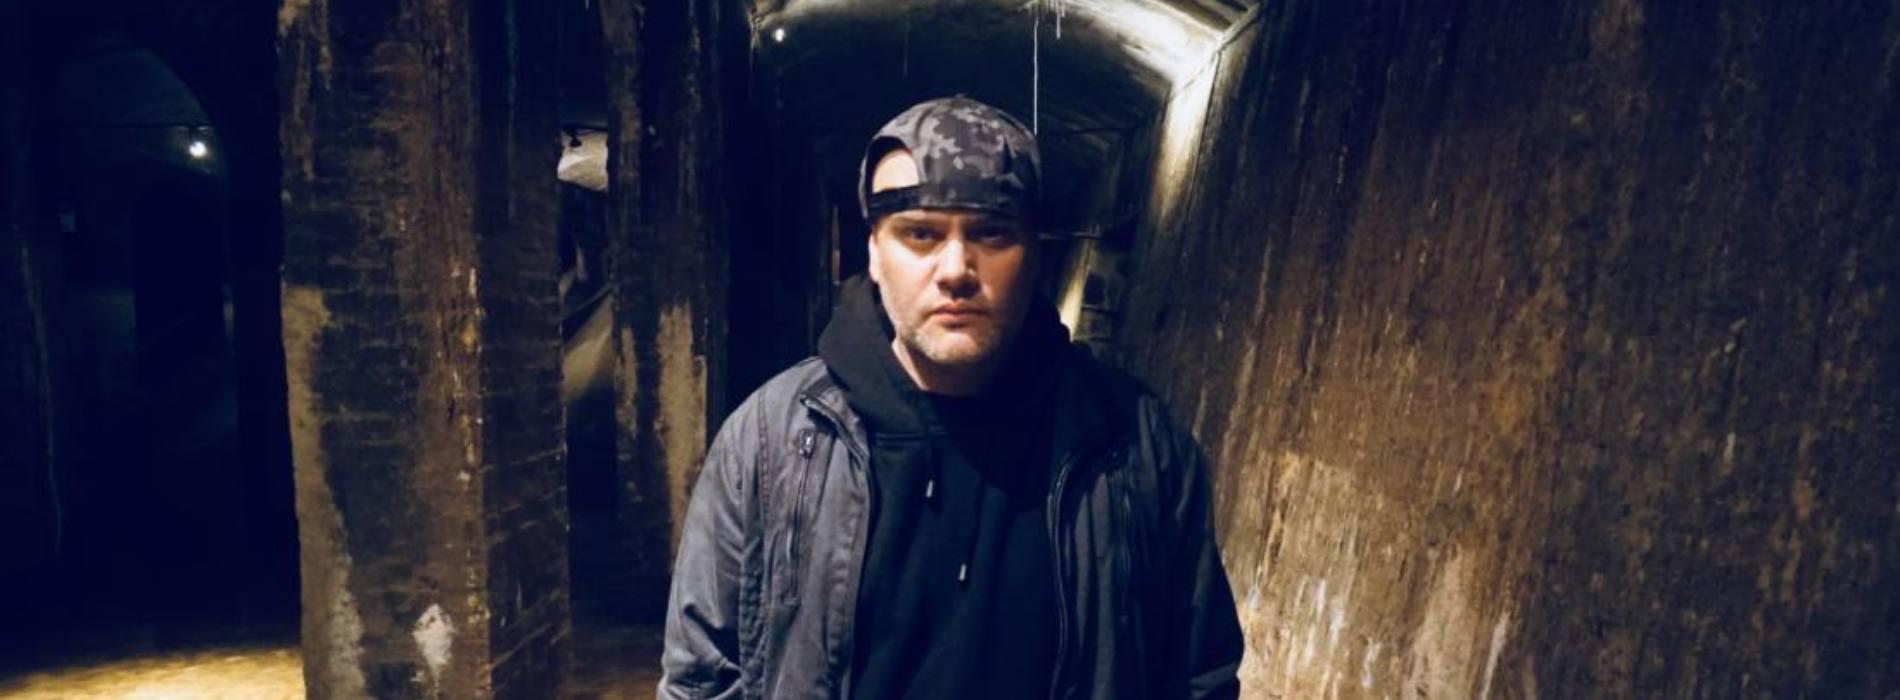 Sicknature возвращается с инструментальным альбомом «Back To The Beatcave»